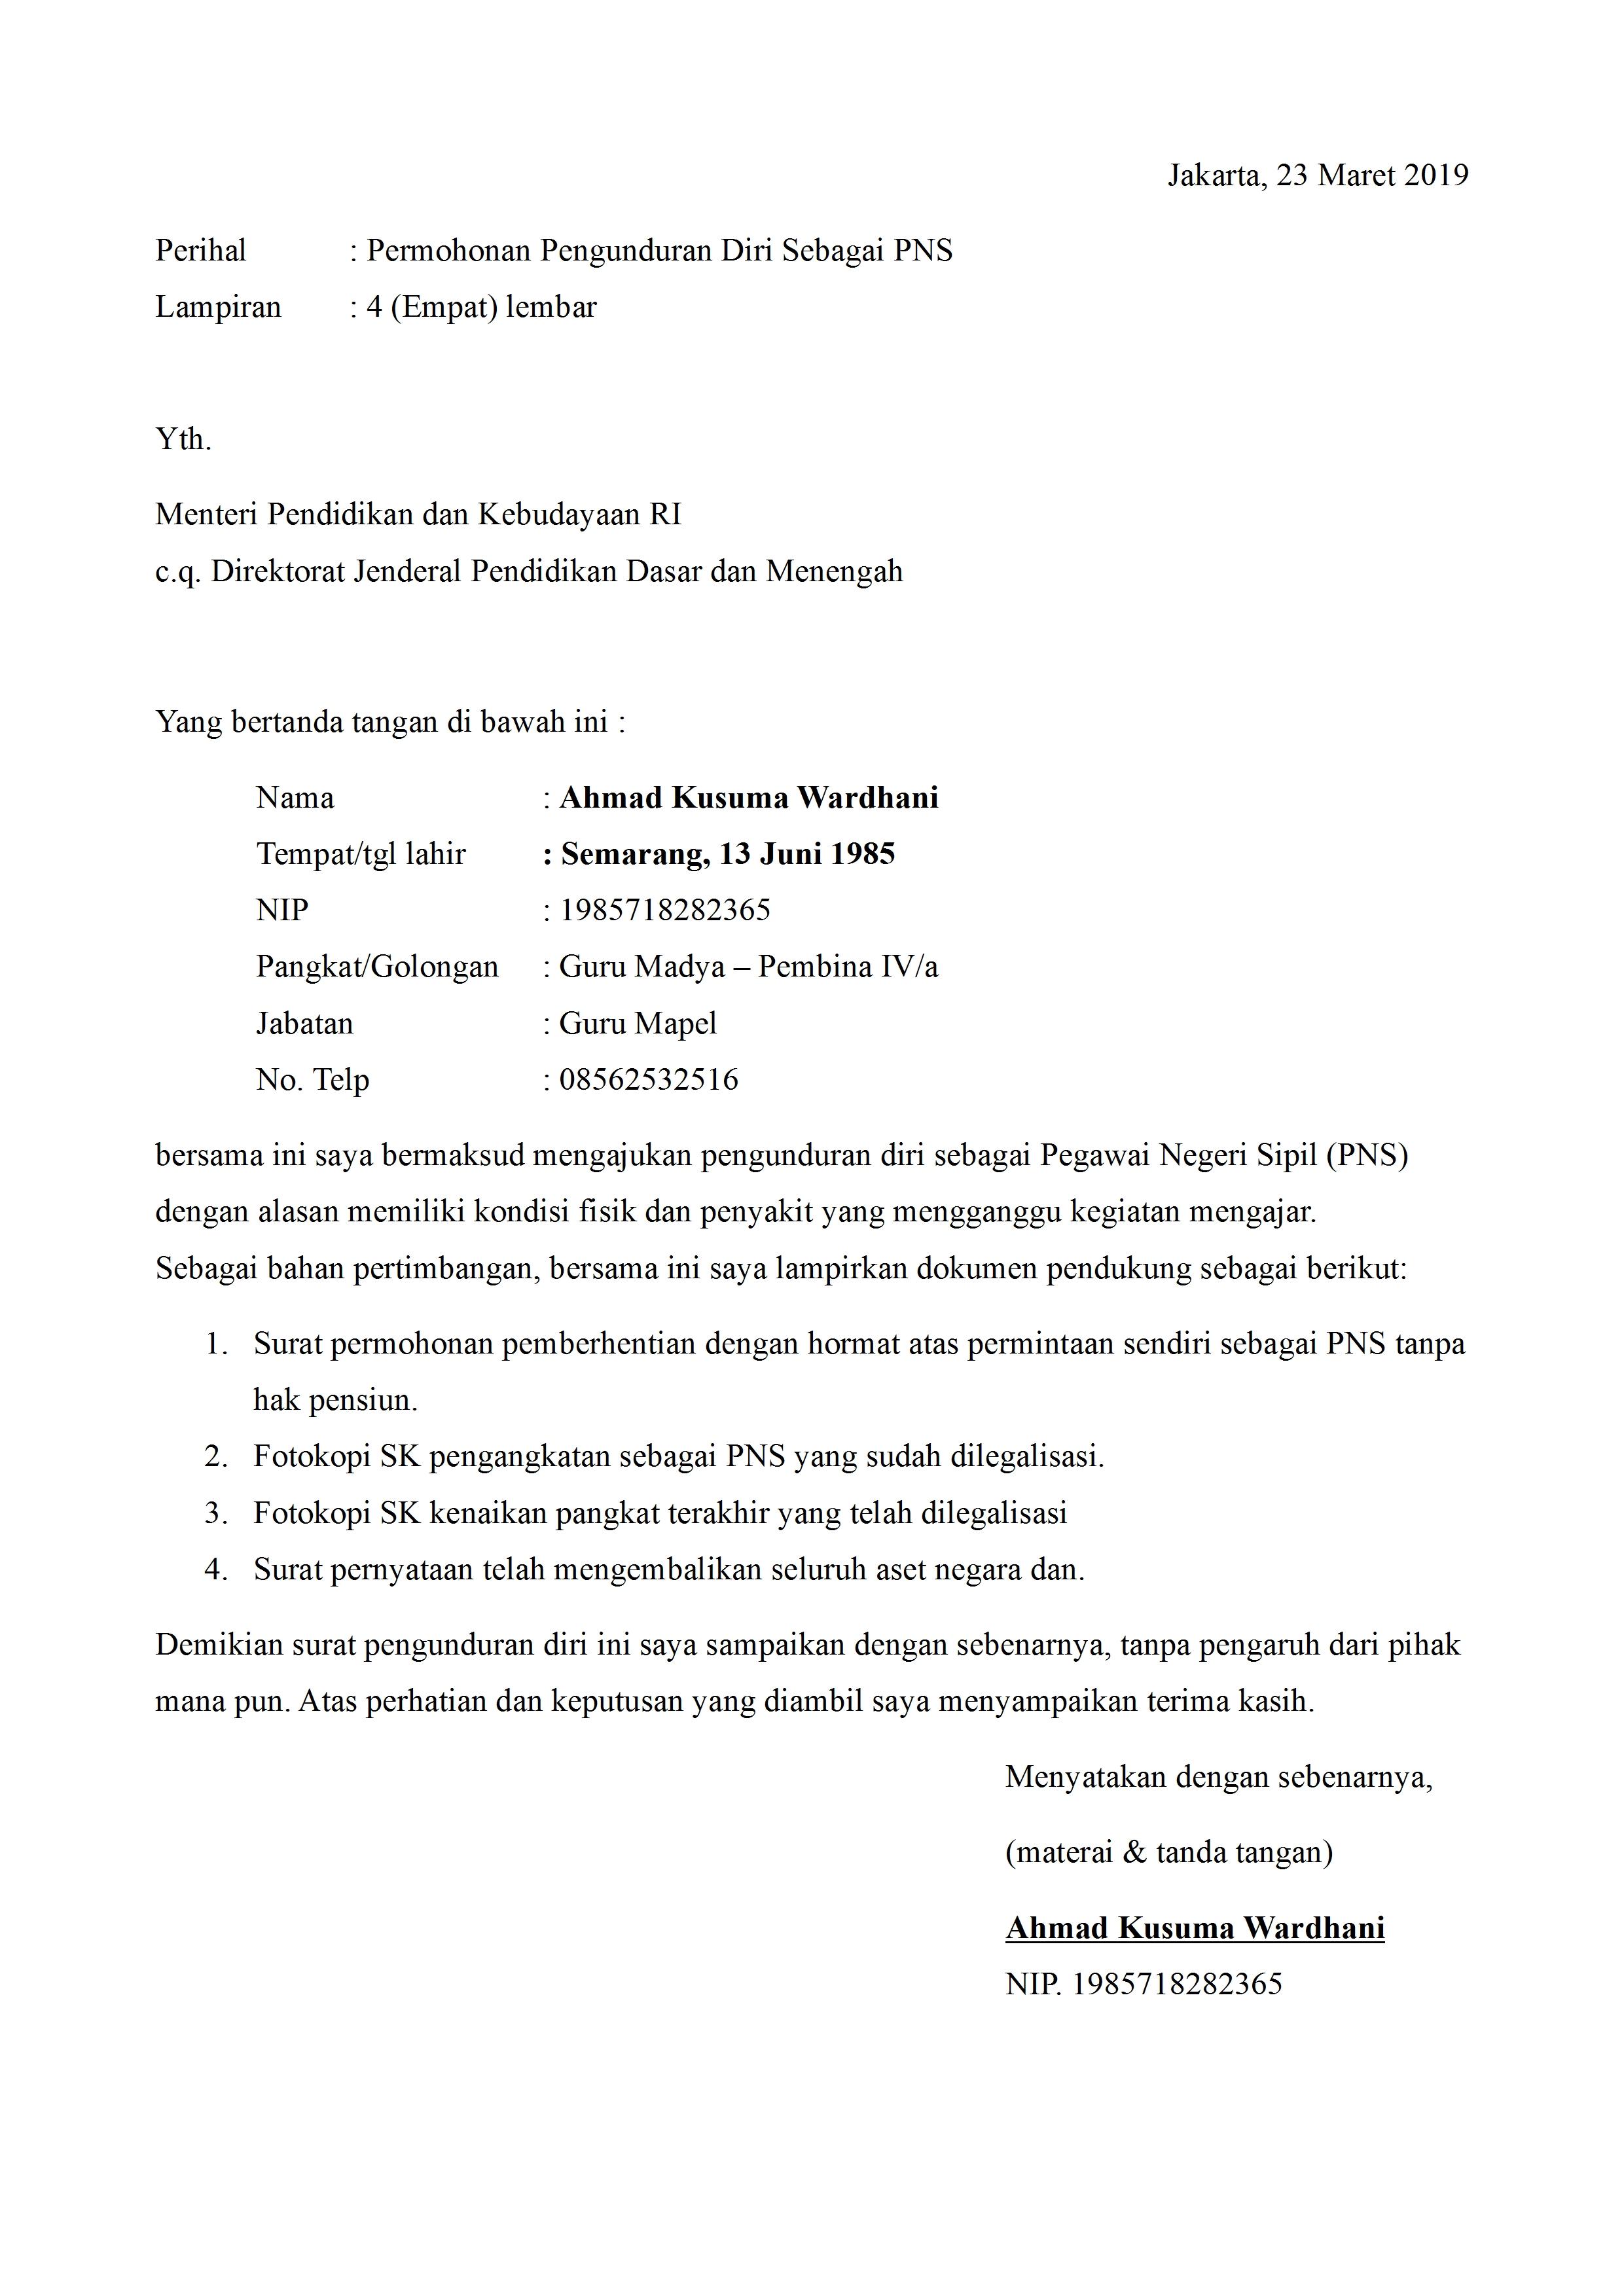 Contoh Surat Pengunduran Diri Pns Dari Jabatan Detiklife